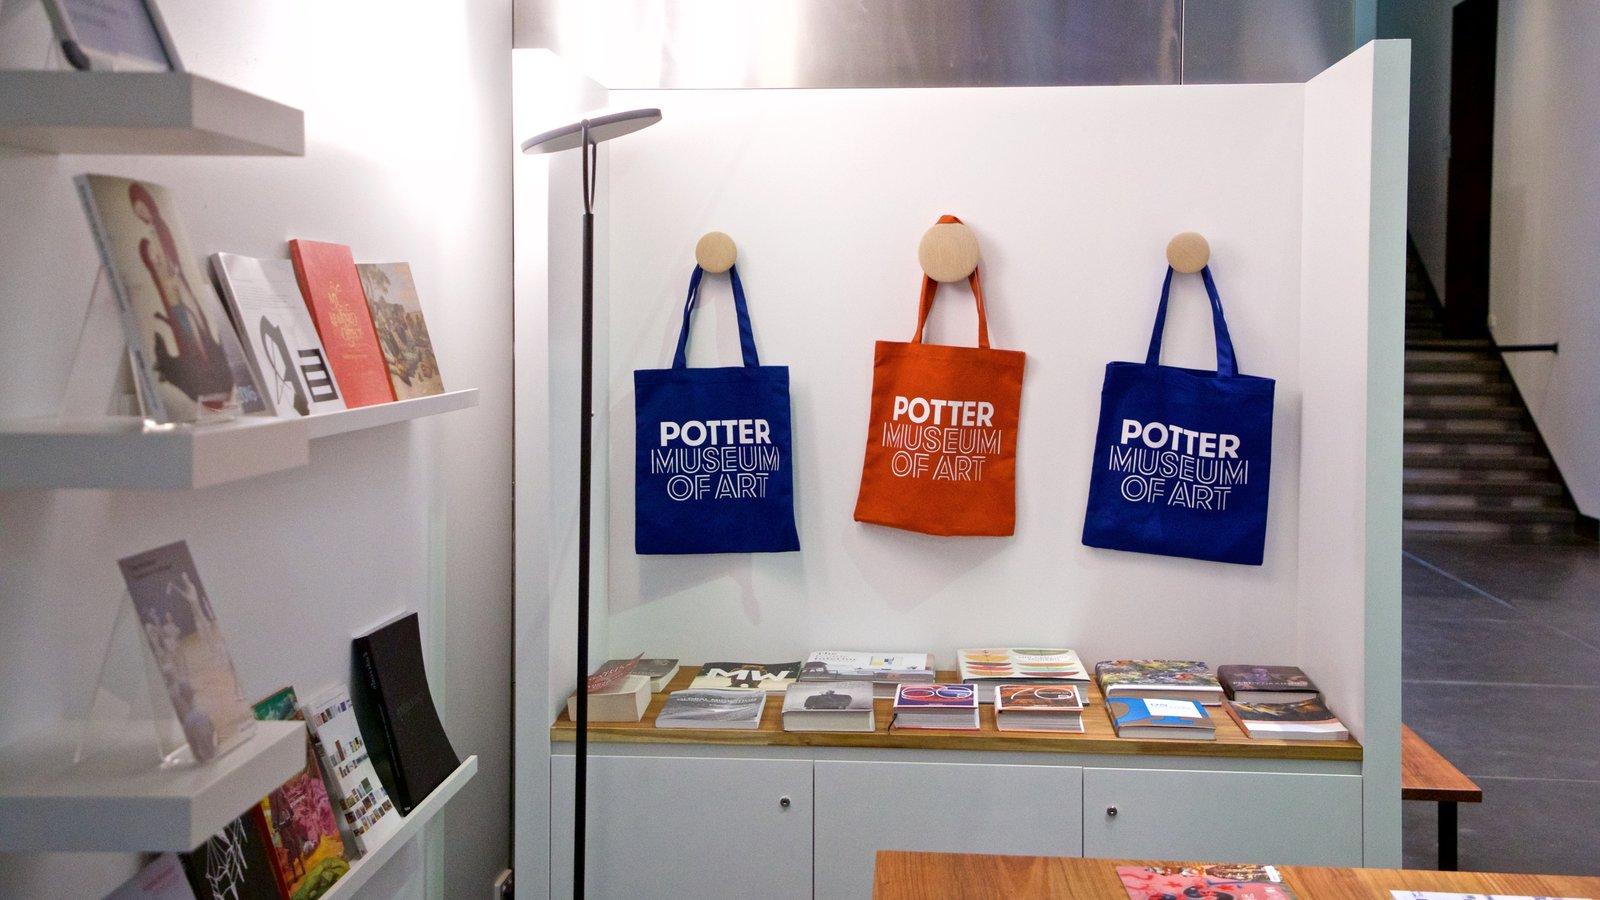 Museo de arte Ian Potter que incluye vistas interiores